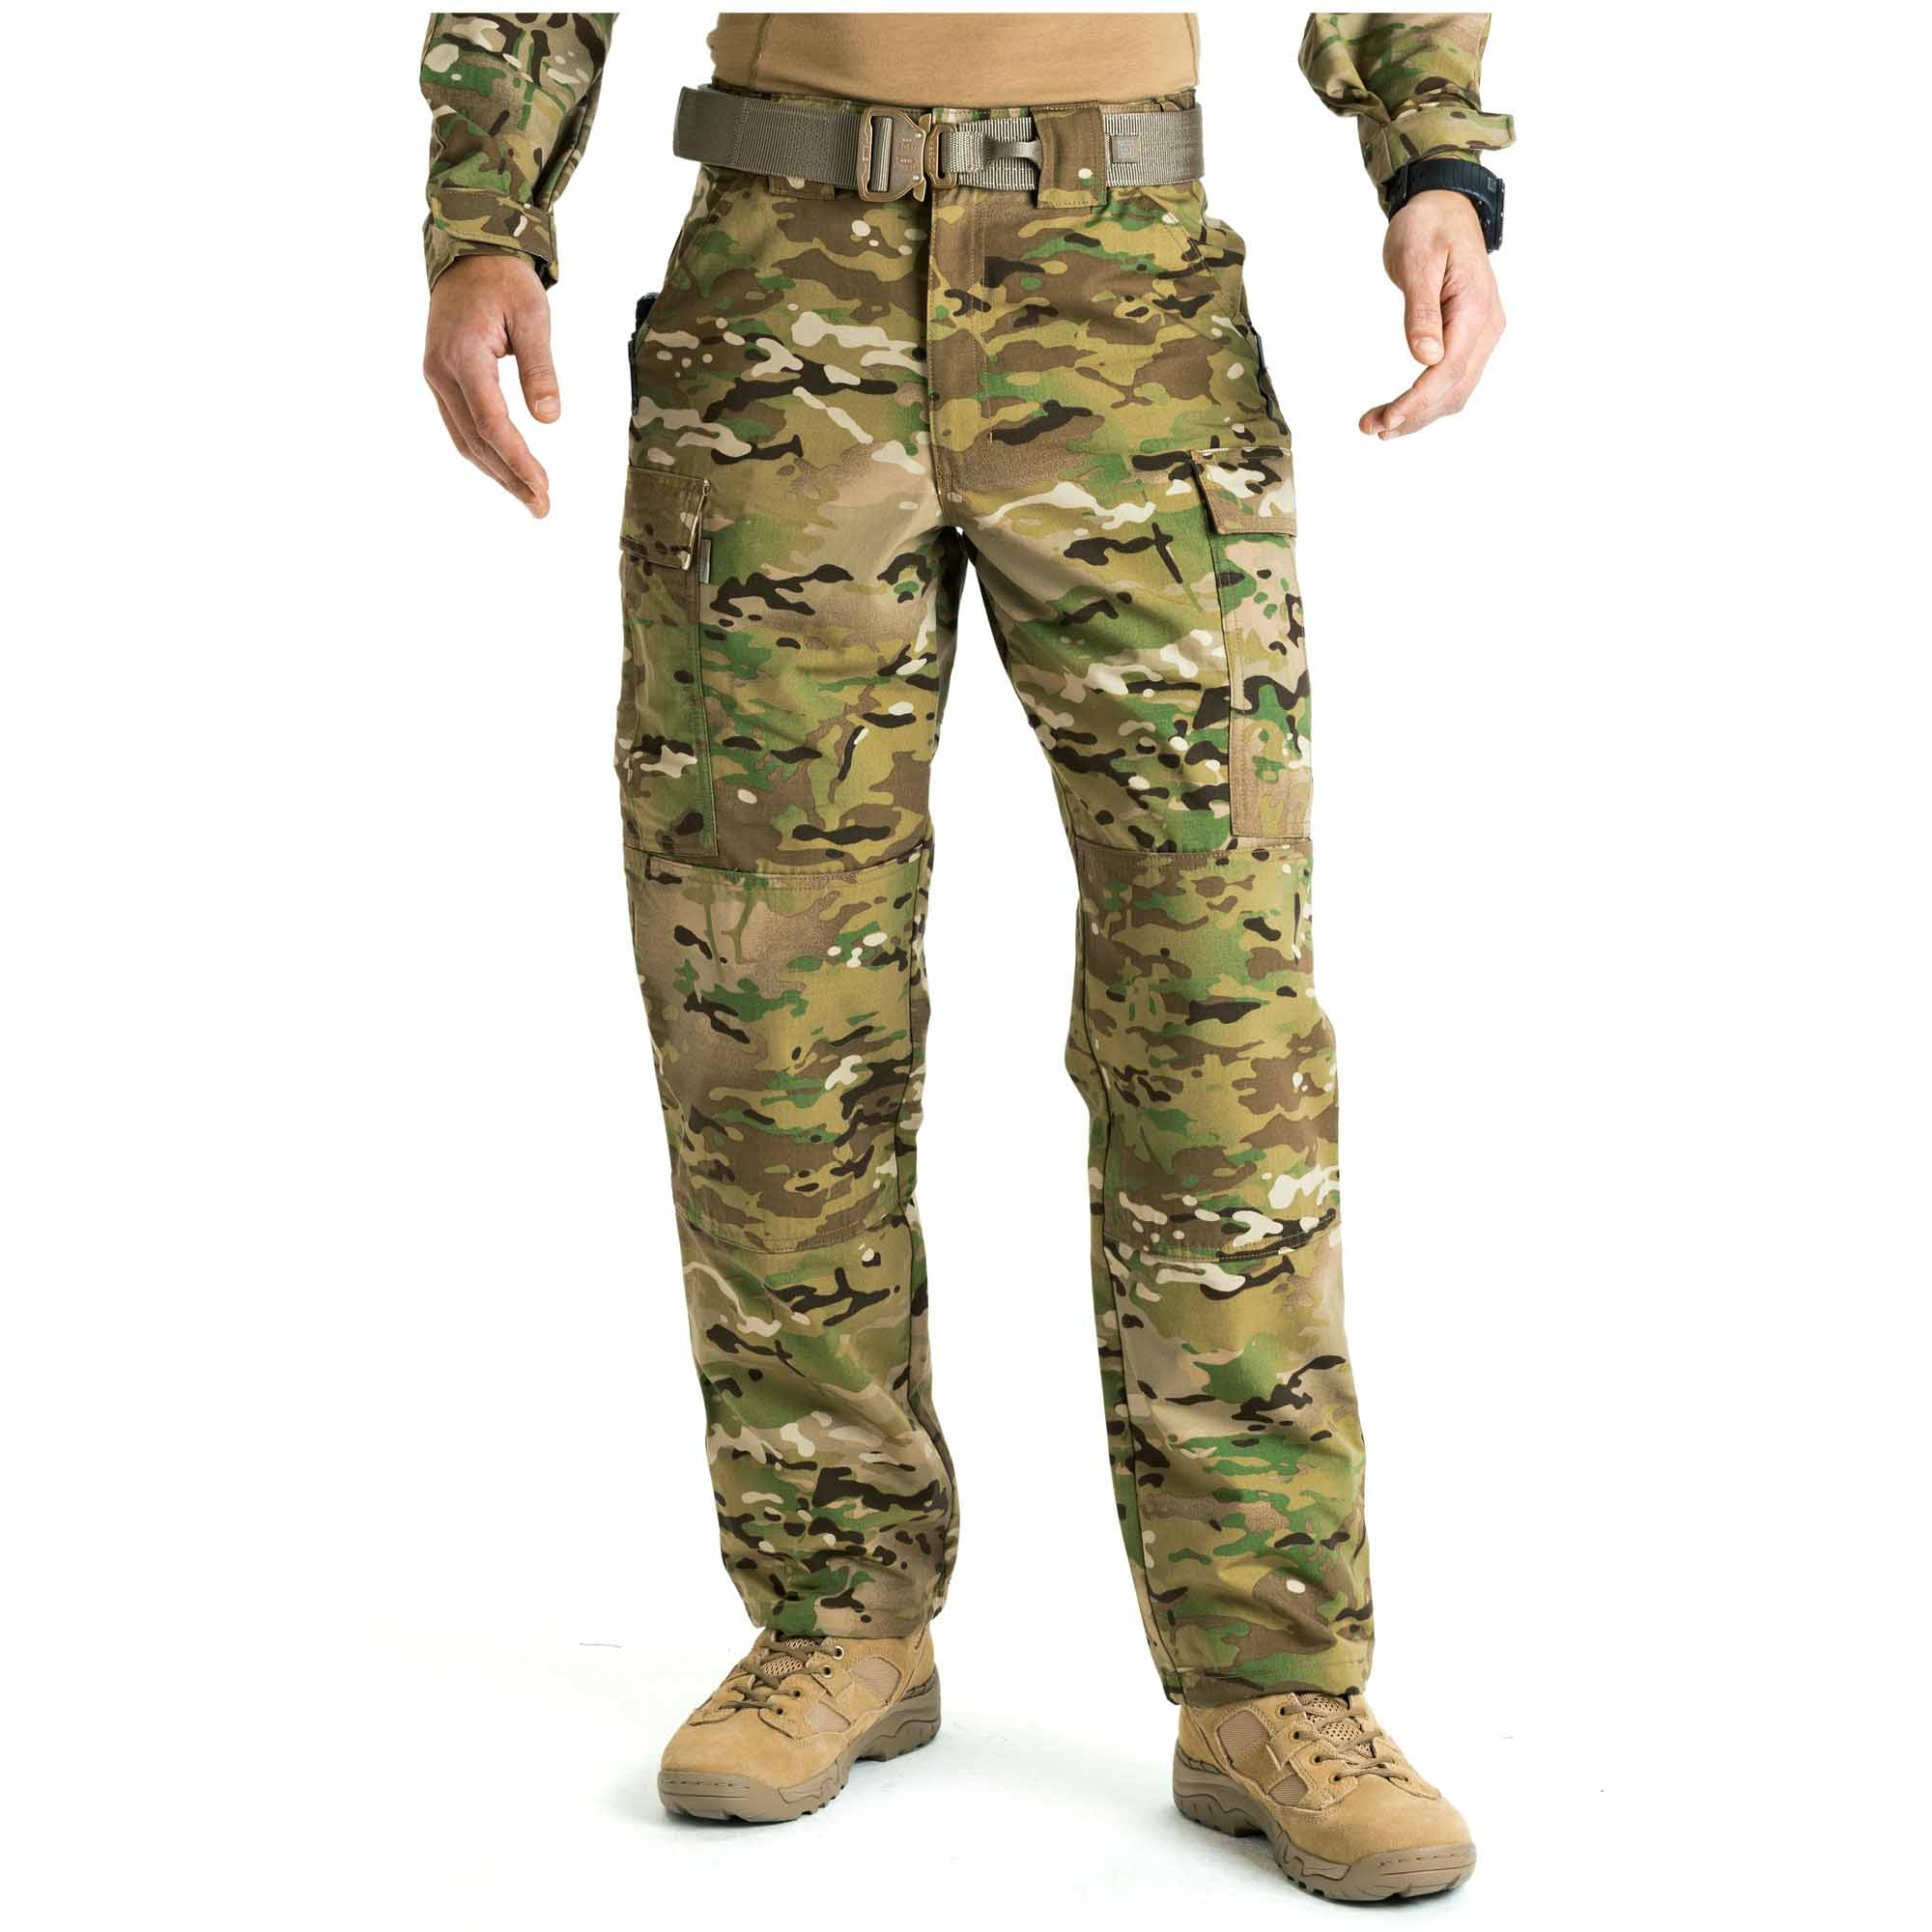 5.11 Tactical Men's MultiCam TDU Pant (Camo;Multi), Size 3XL/Long (Cargo Pant) thumbnail